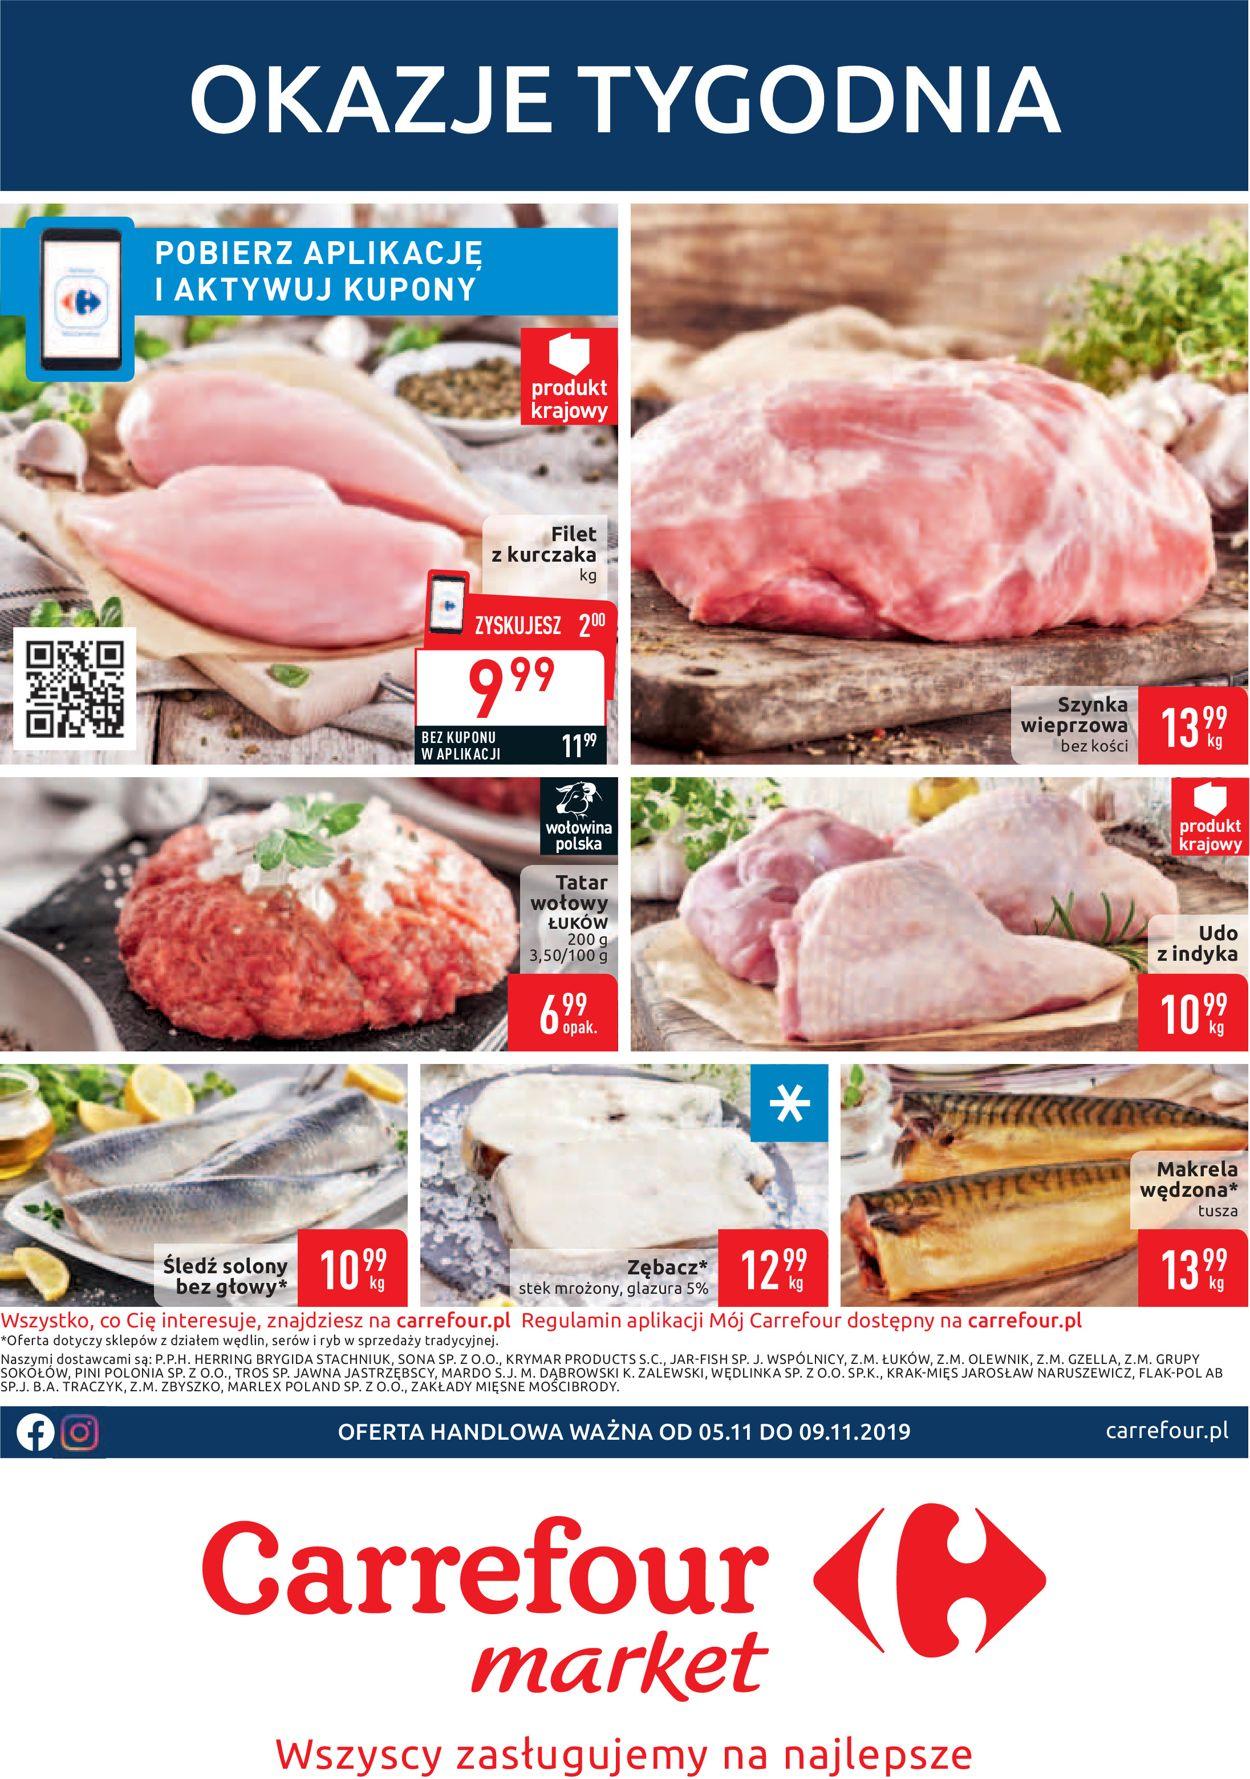 Gazetka promocyjna Carrefour - 05.11-09.11.2019